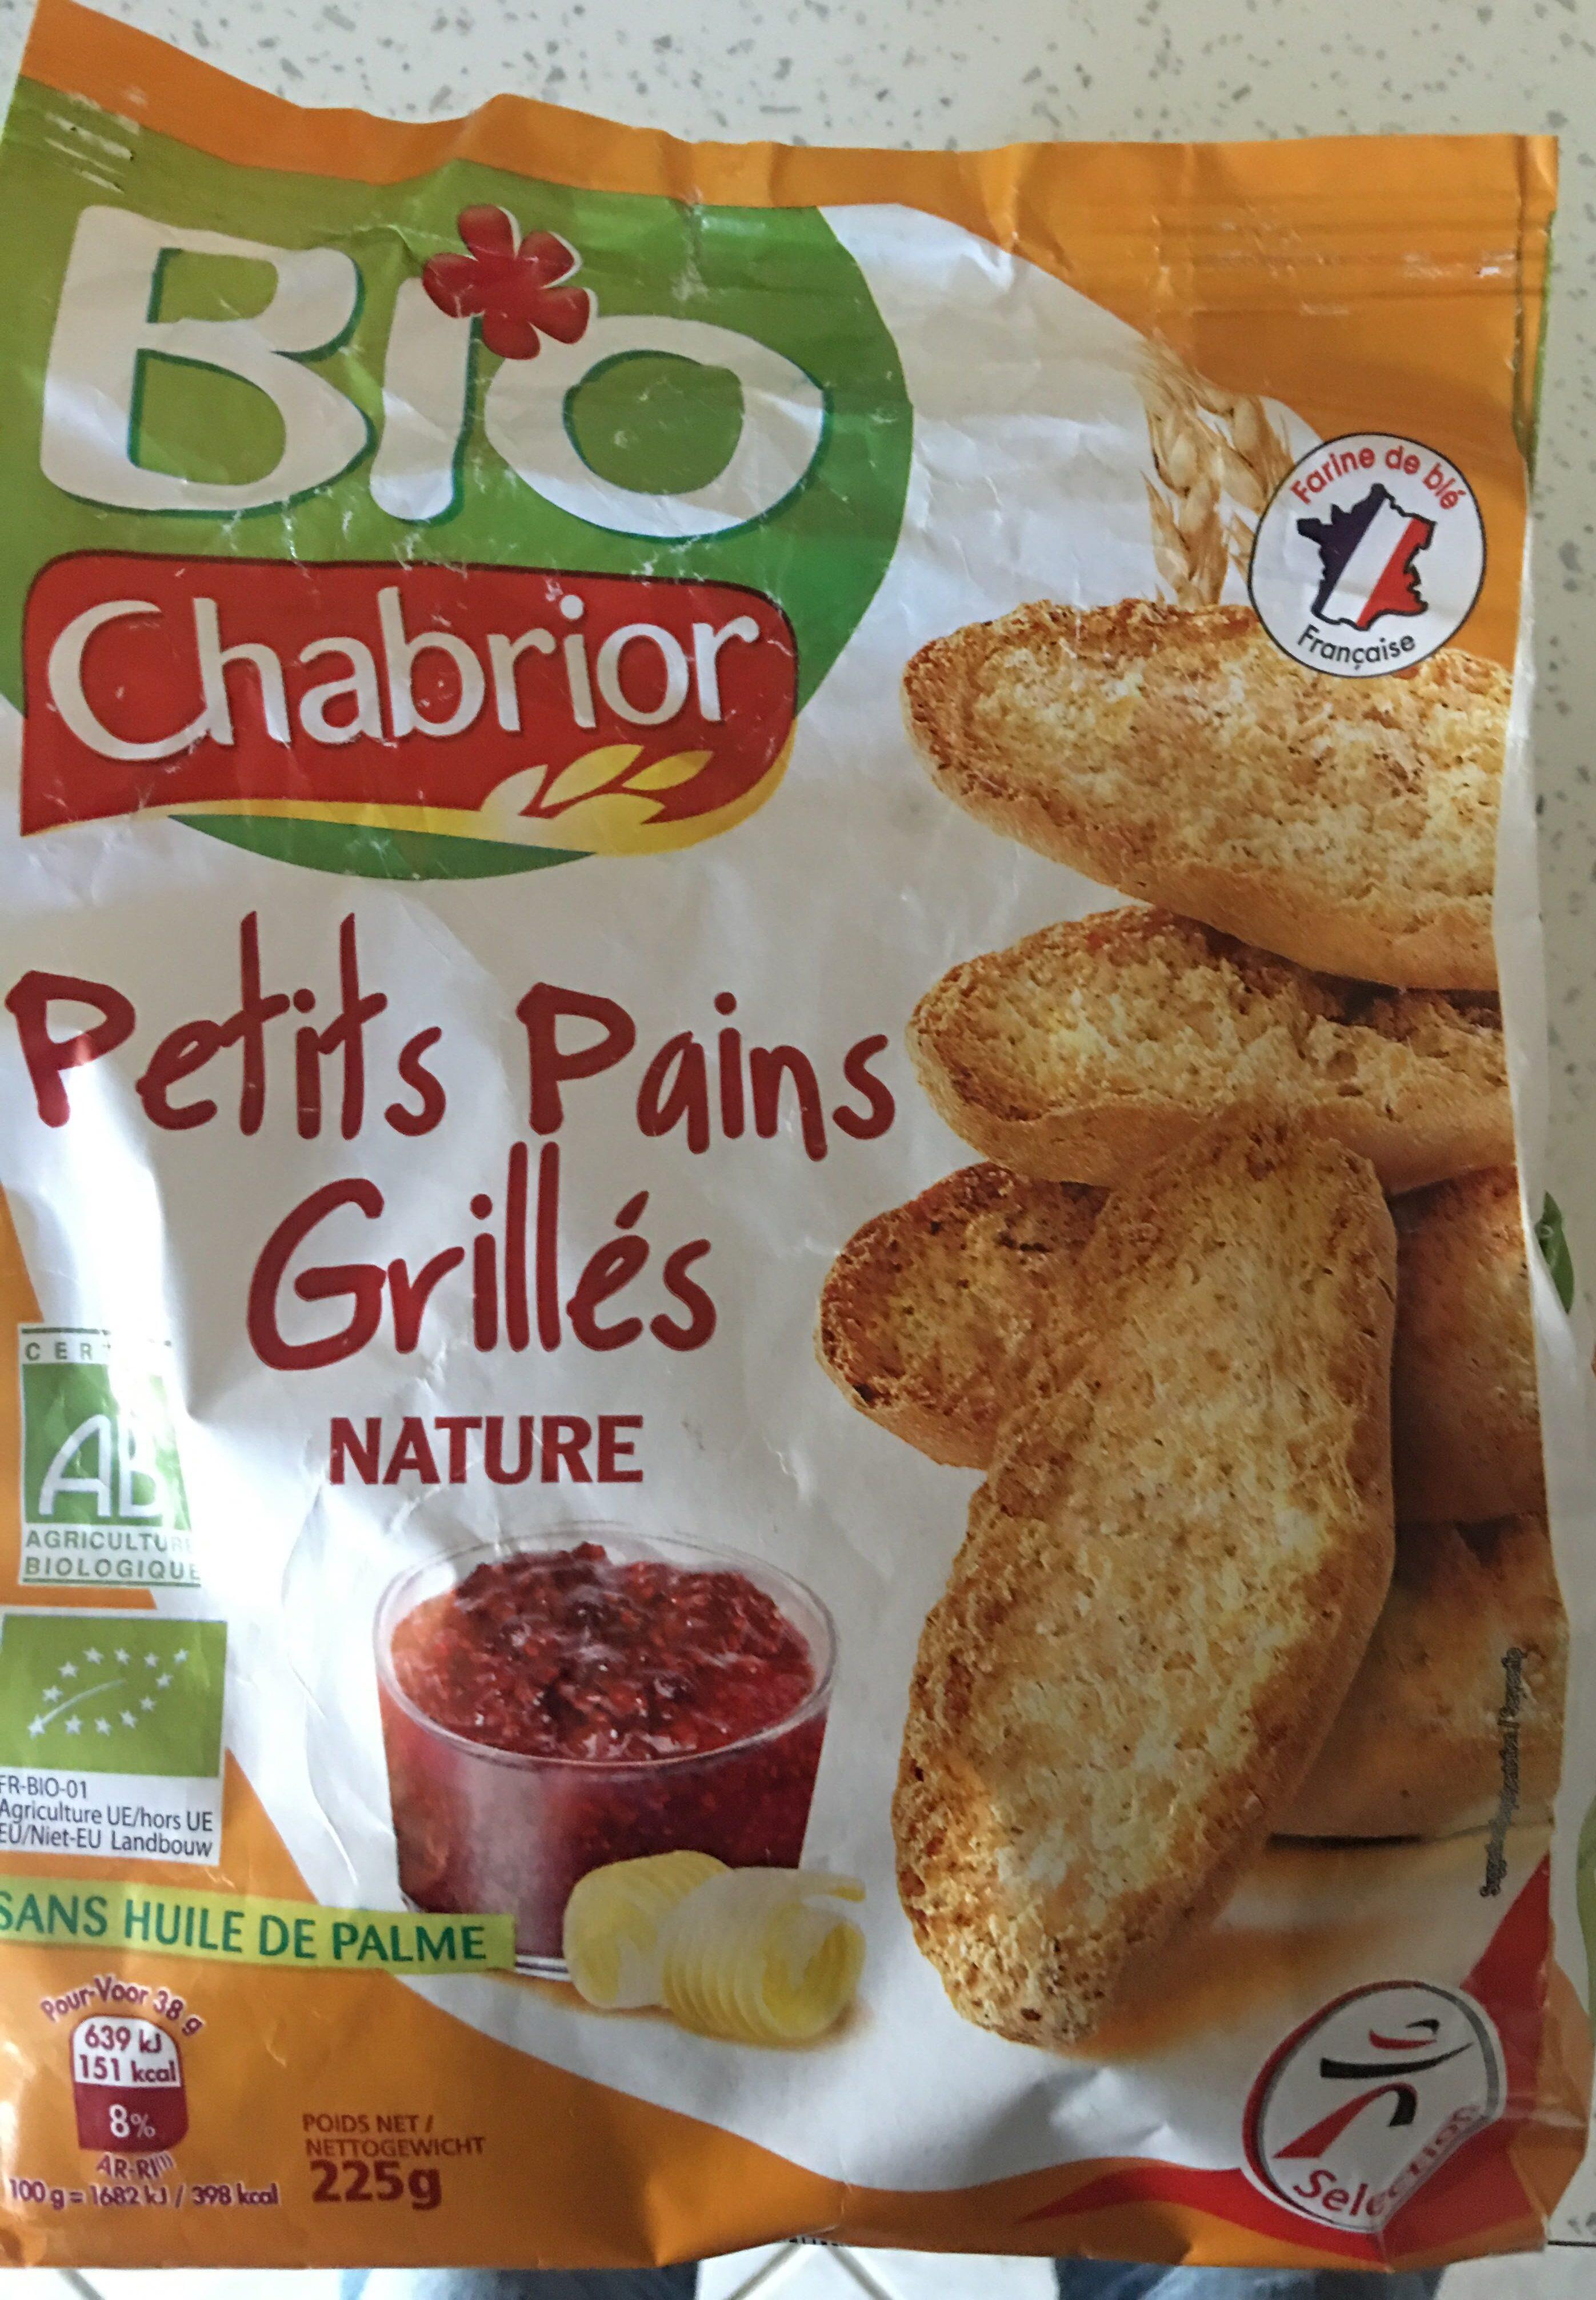 Petits pains grillés - Product - fr